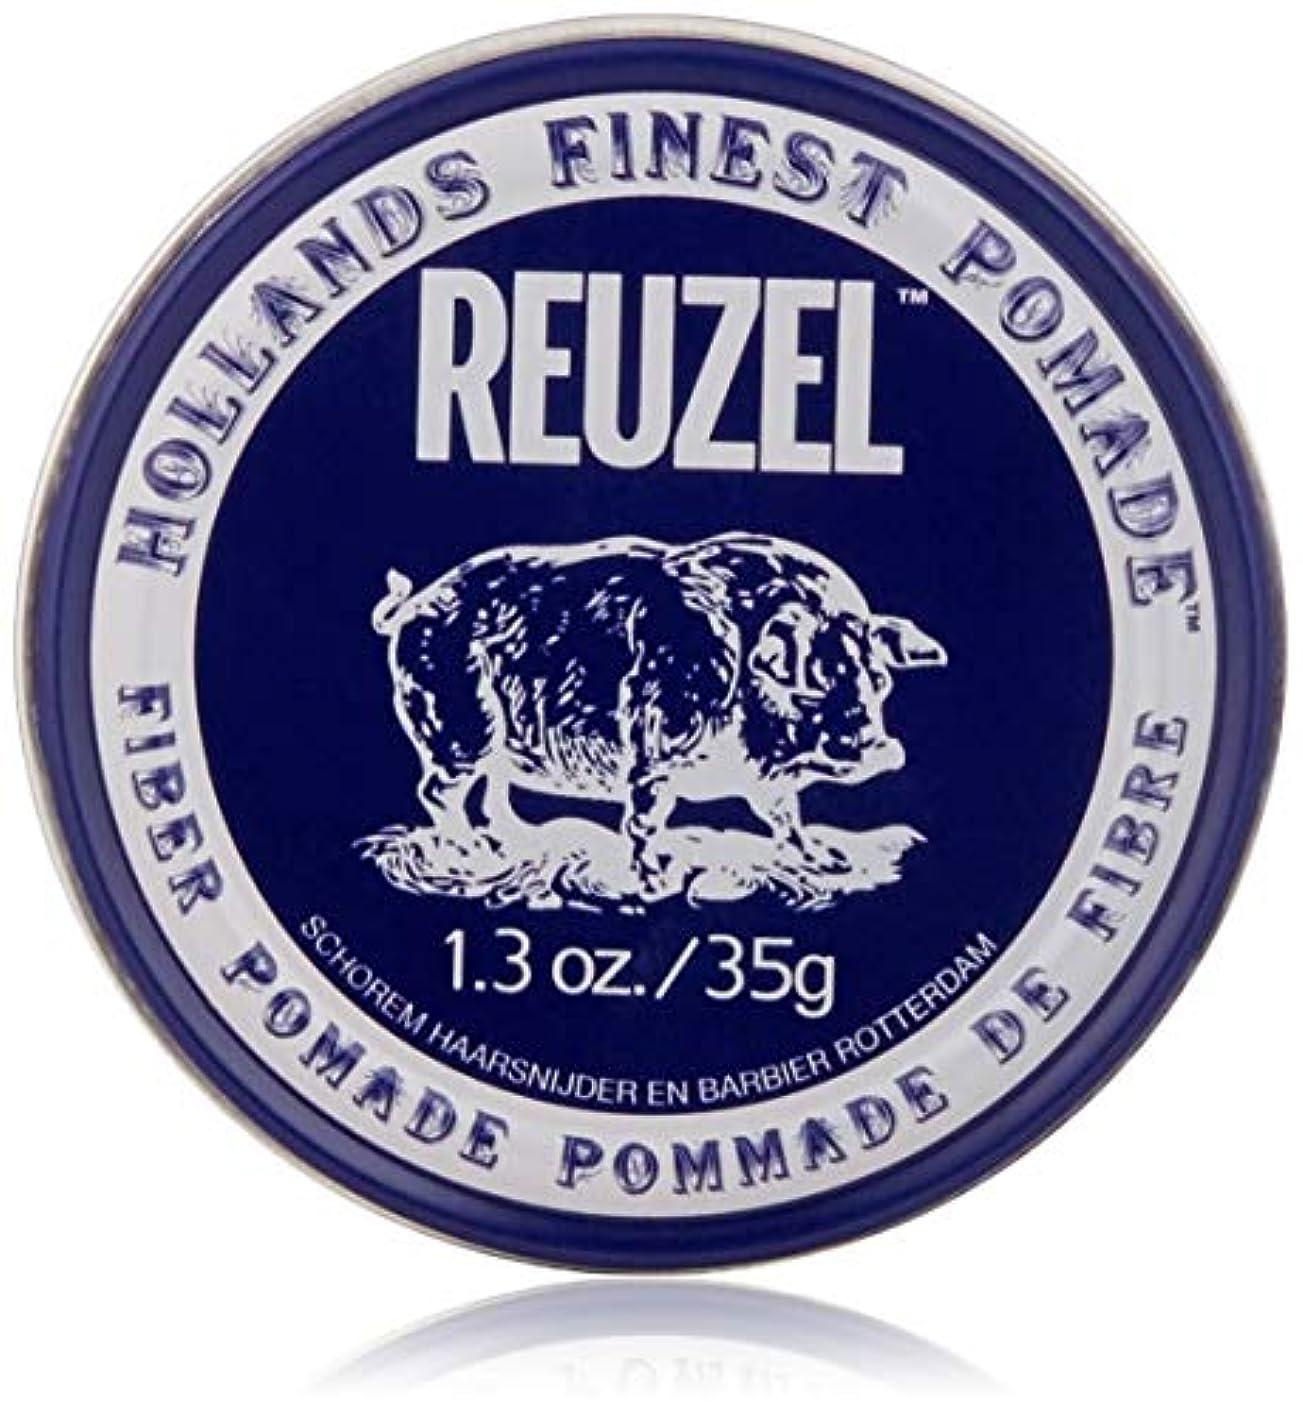 呼びかけるキャプテンブライ討論REUZEL INC Reuzelナチュラルフィニッシュ繊維ポマード、1.3オンス 1.3オンス 濃紺